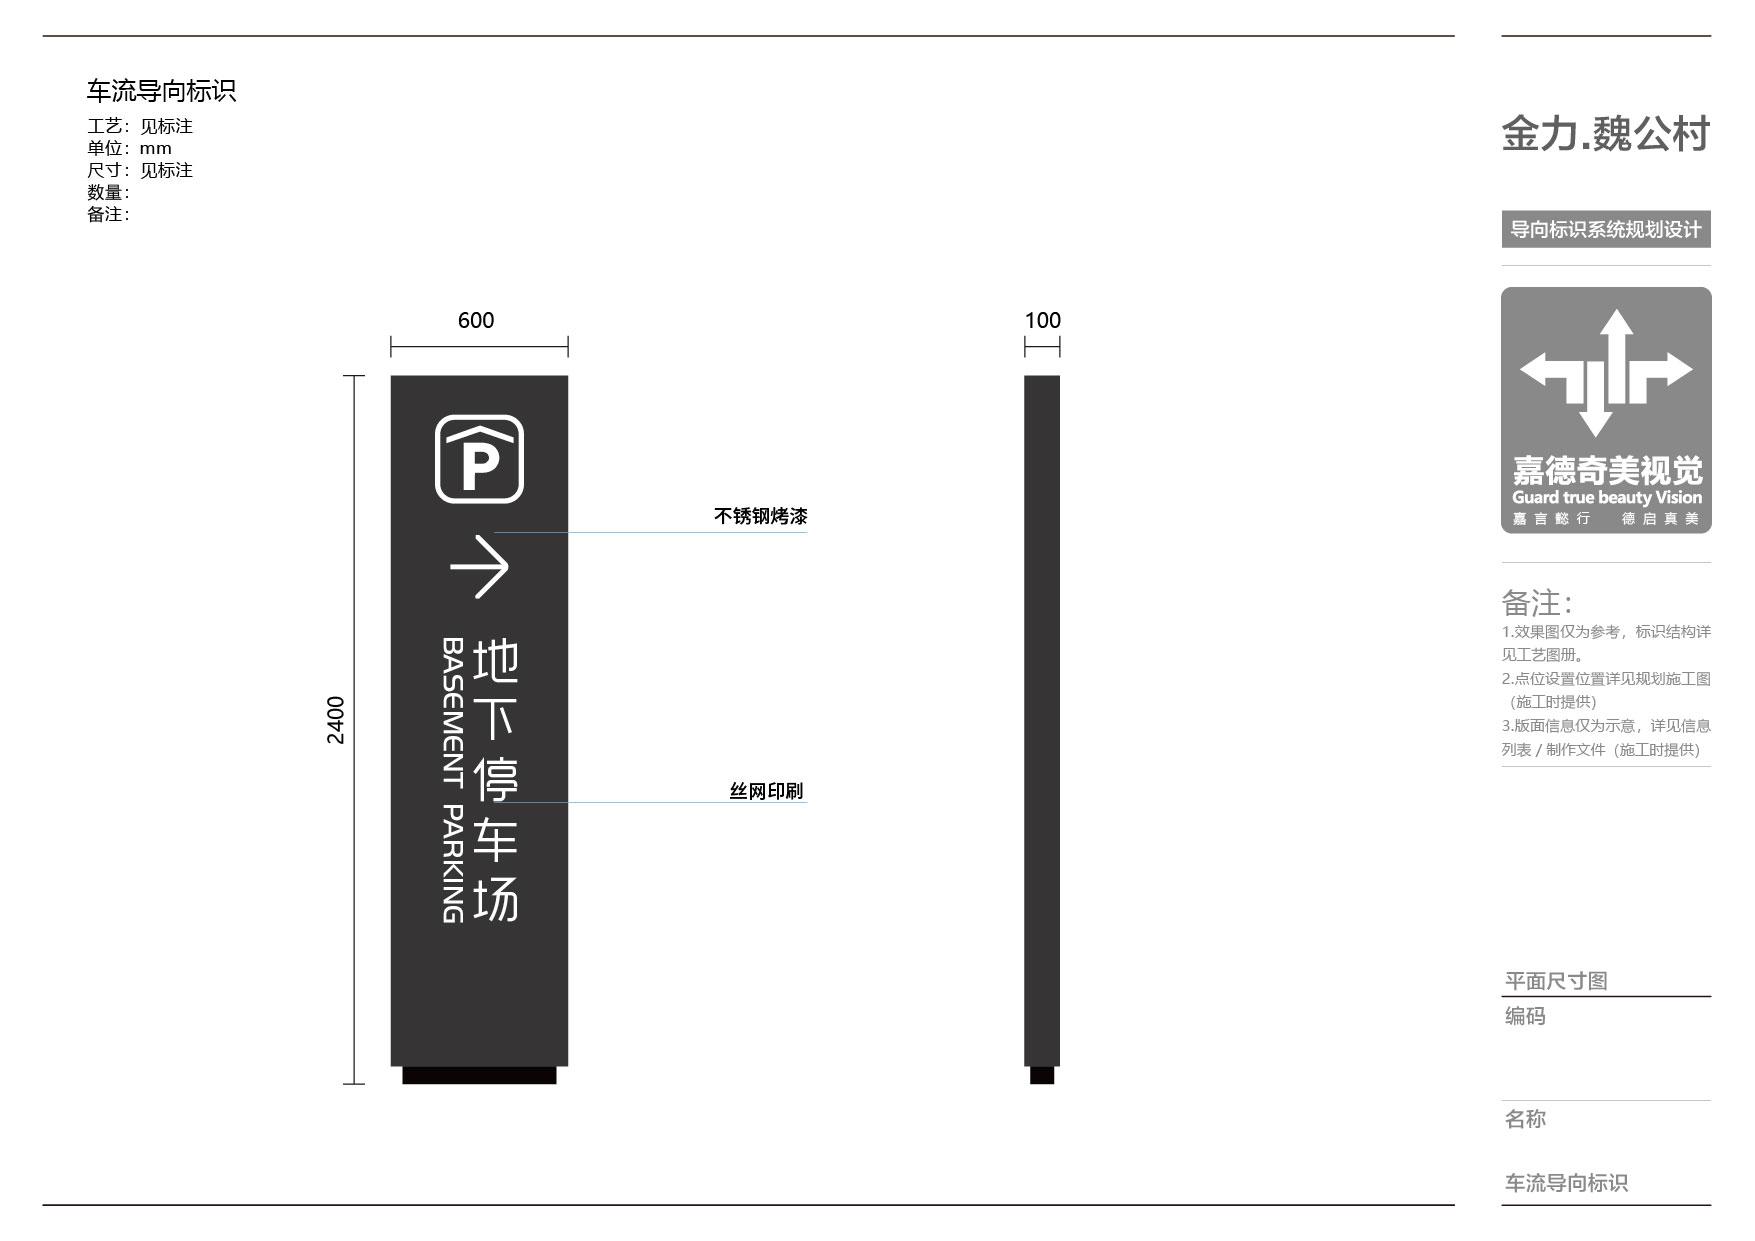 魏公村小区导视系统方案1227合最终发_页面_11